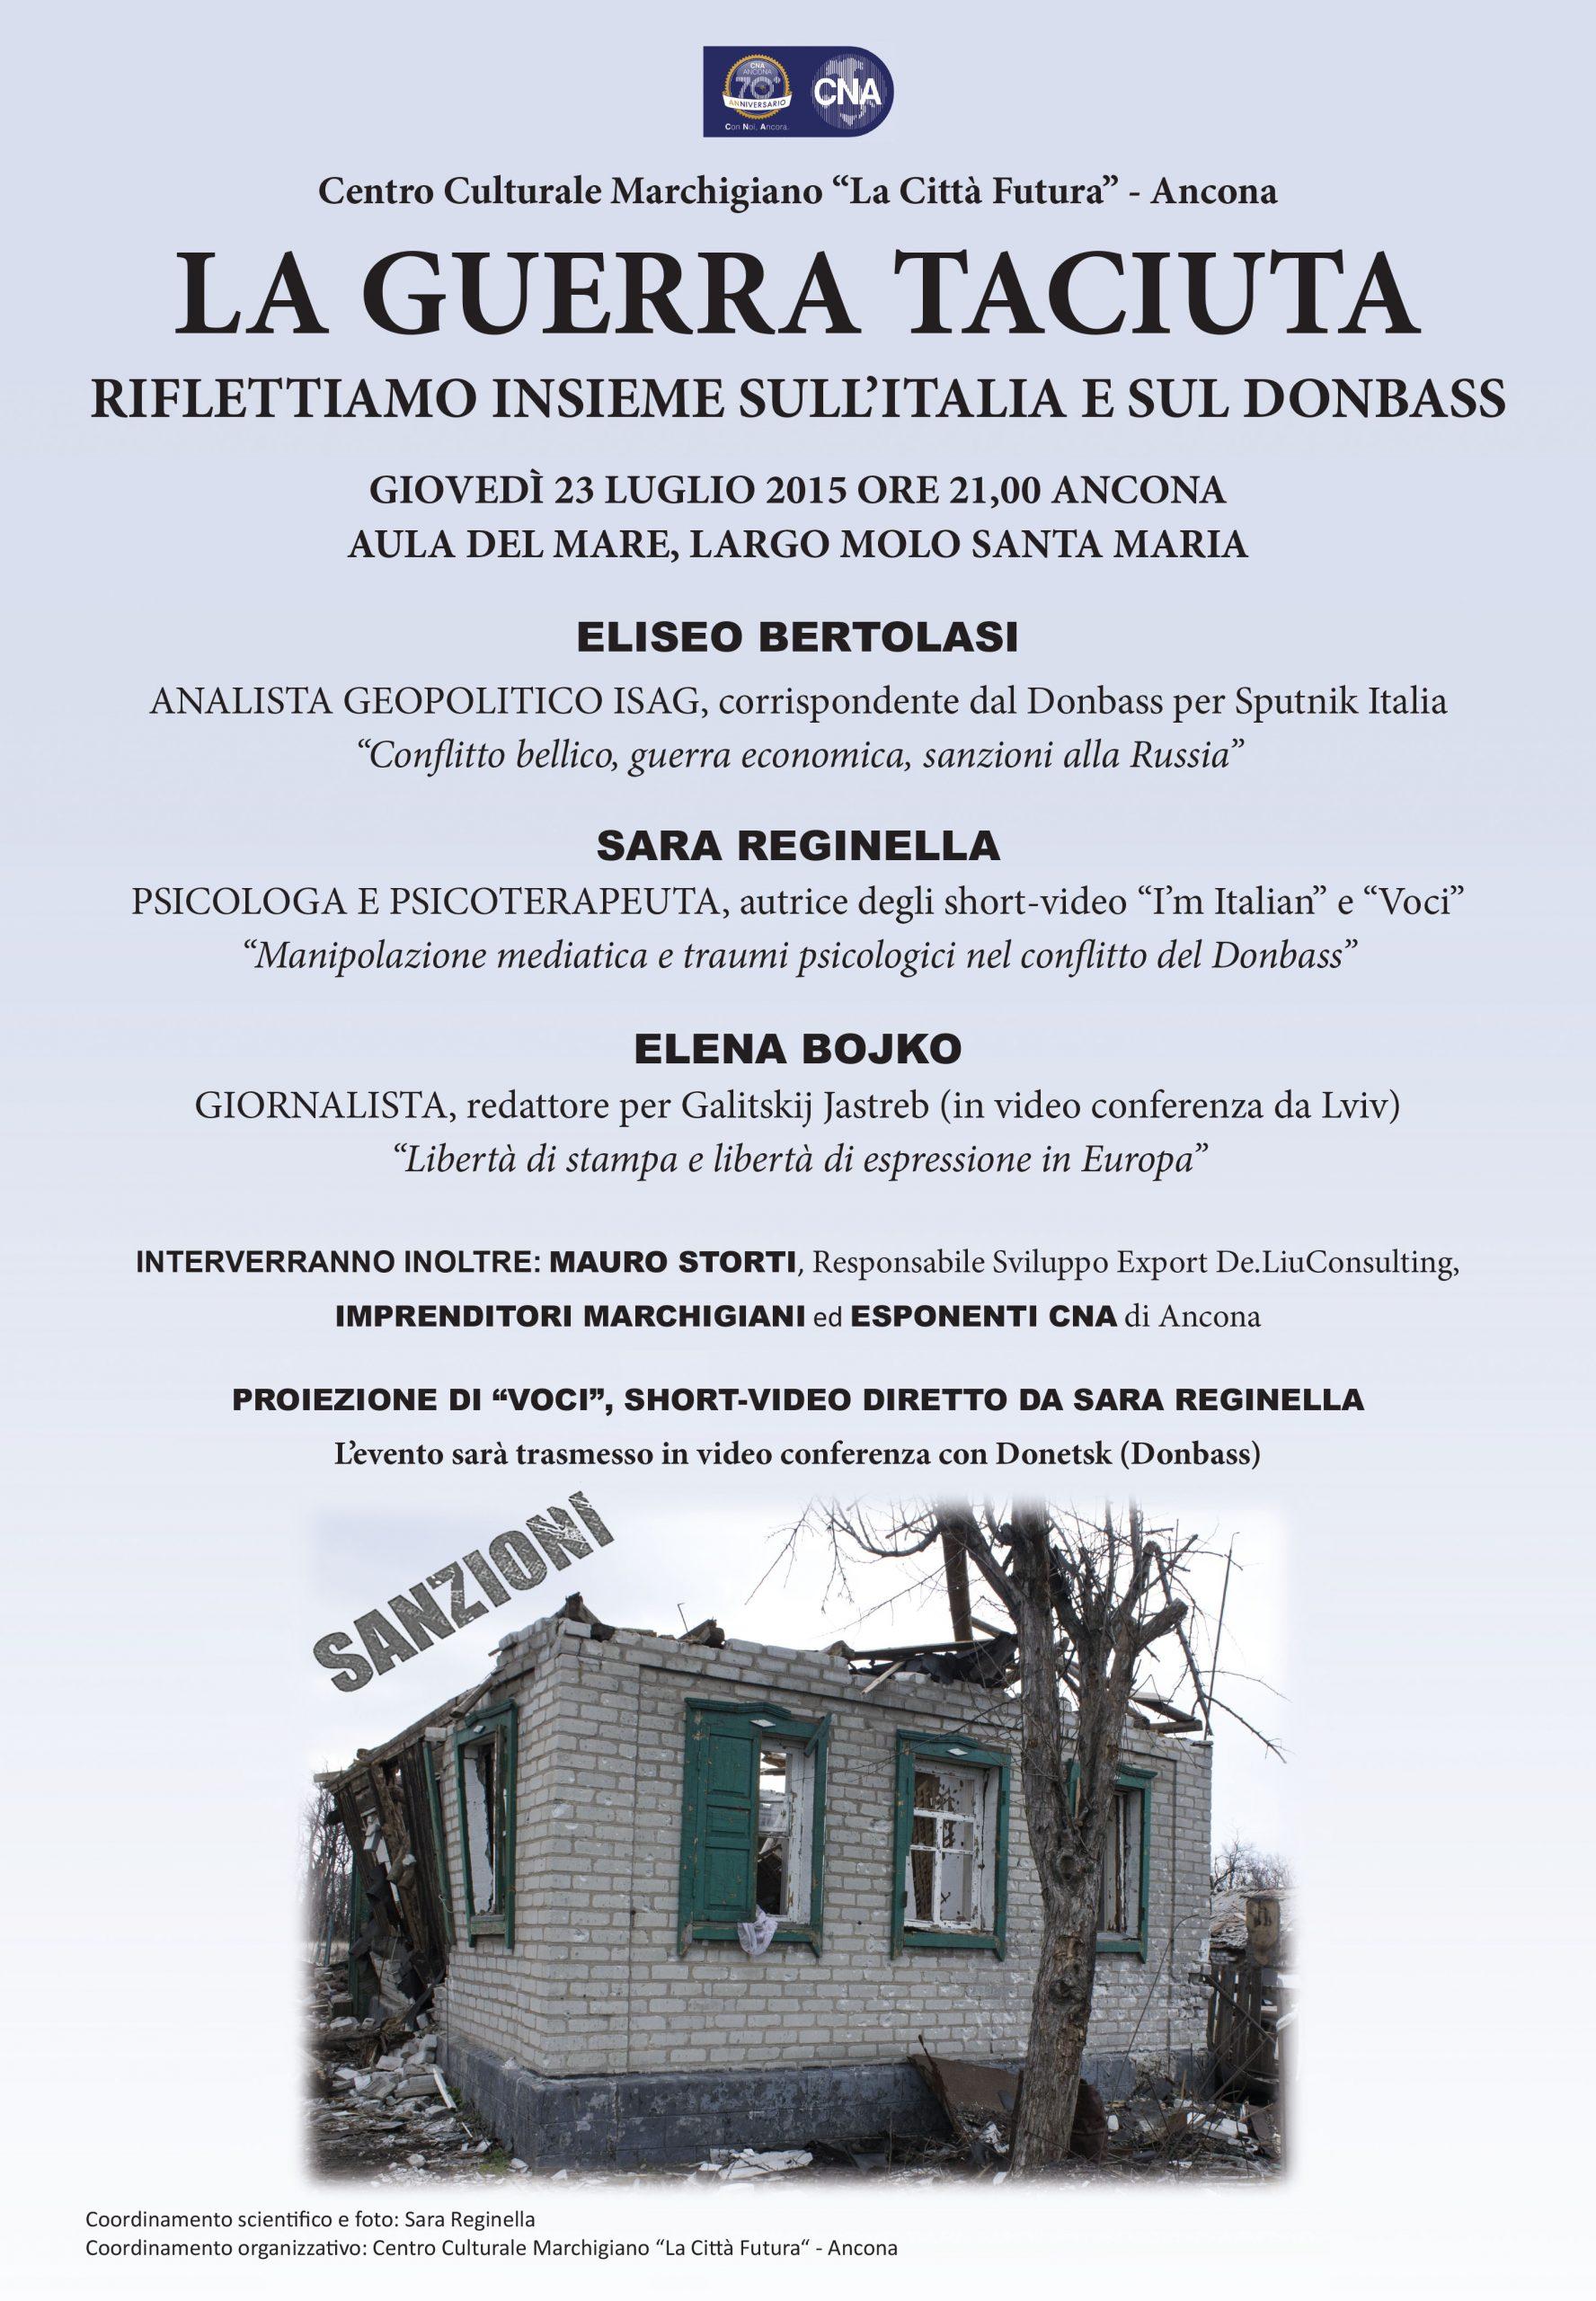 Sara Reginella | La guerra taciuta